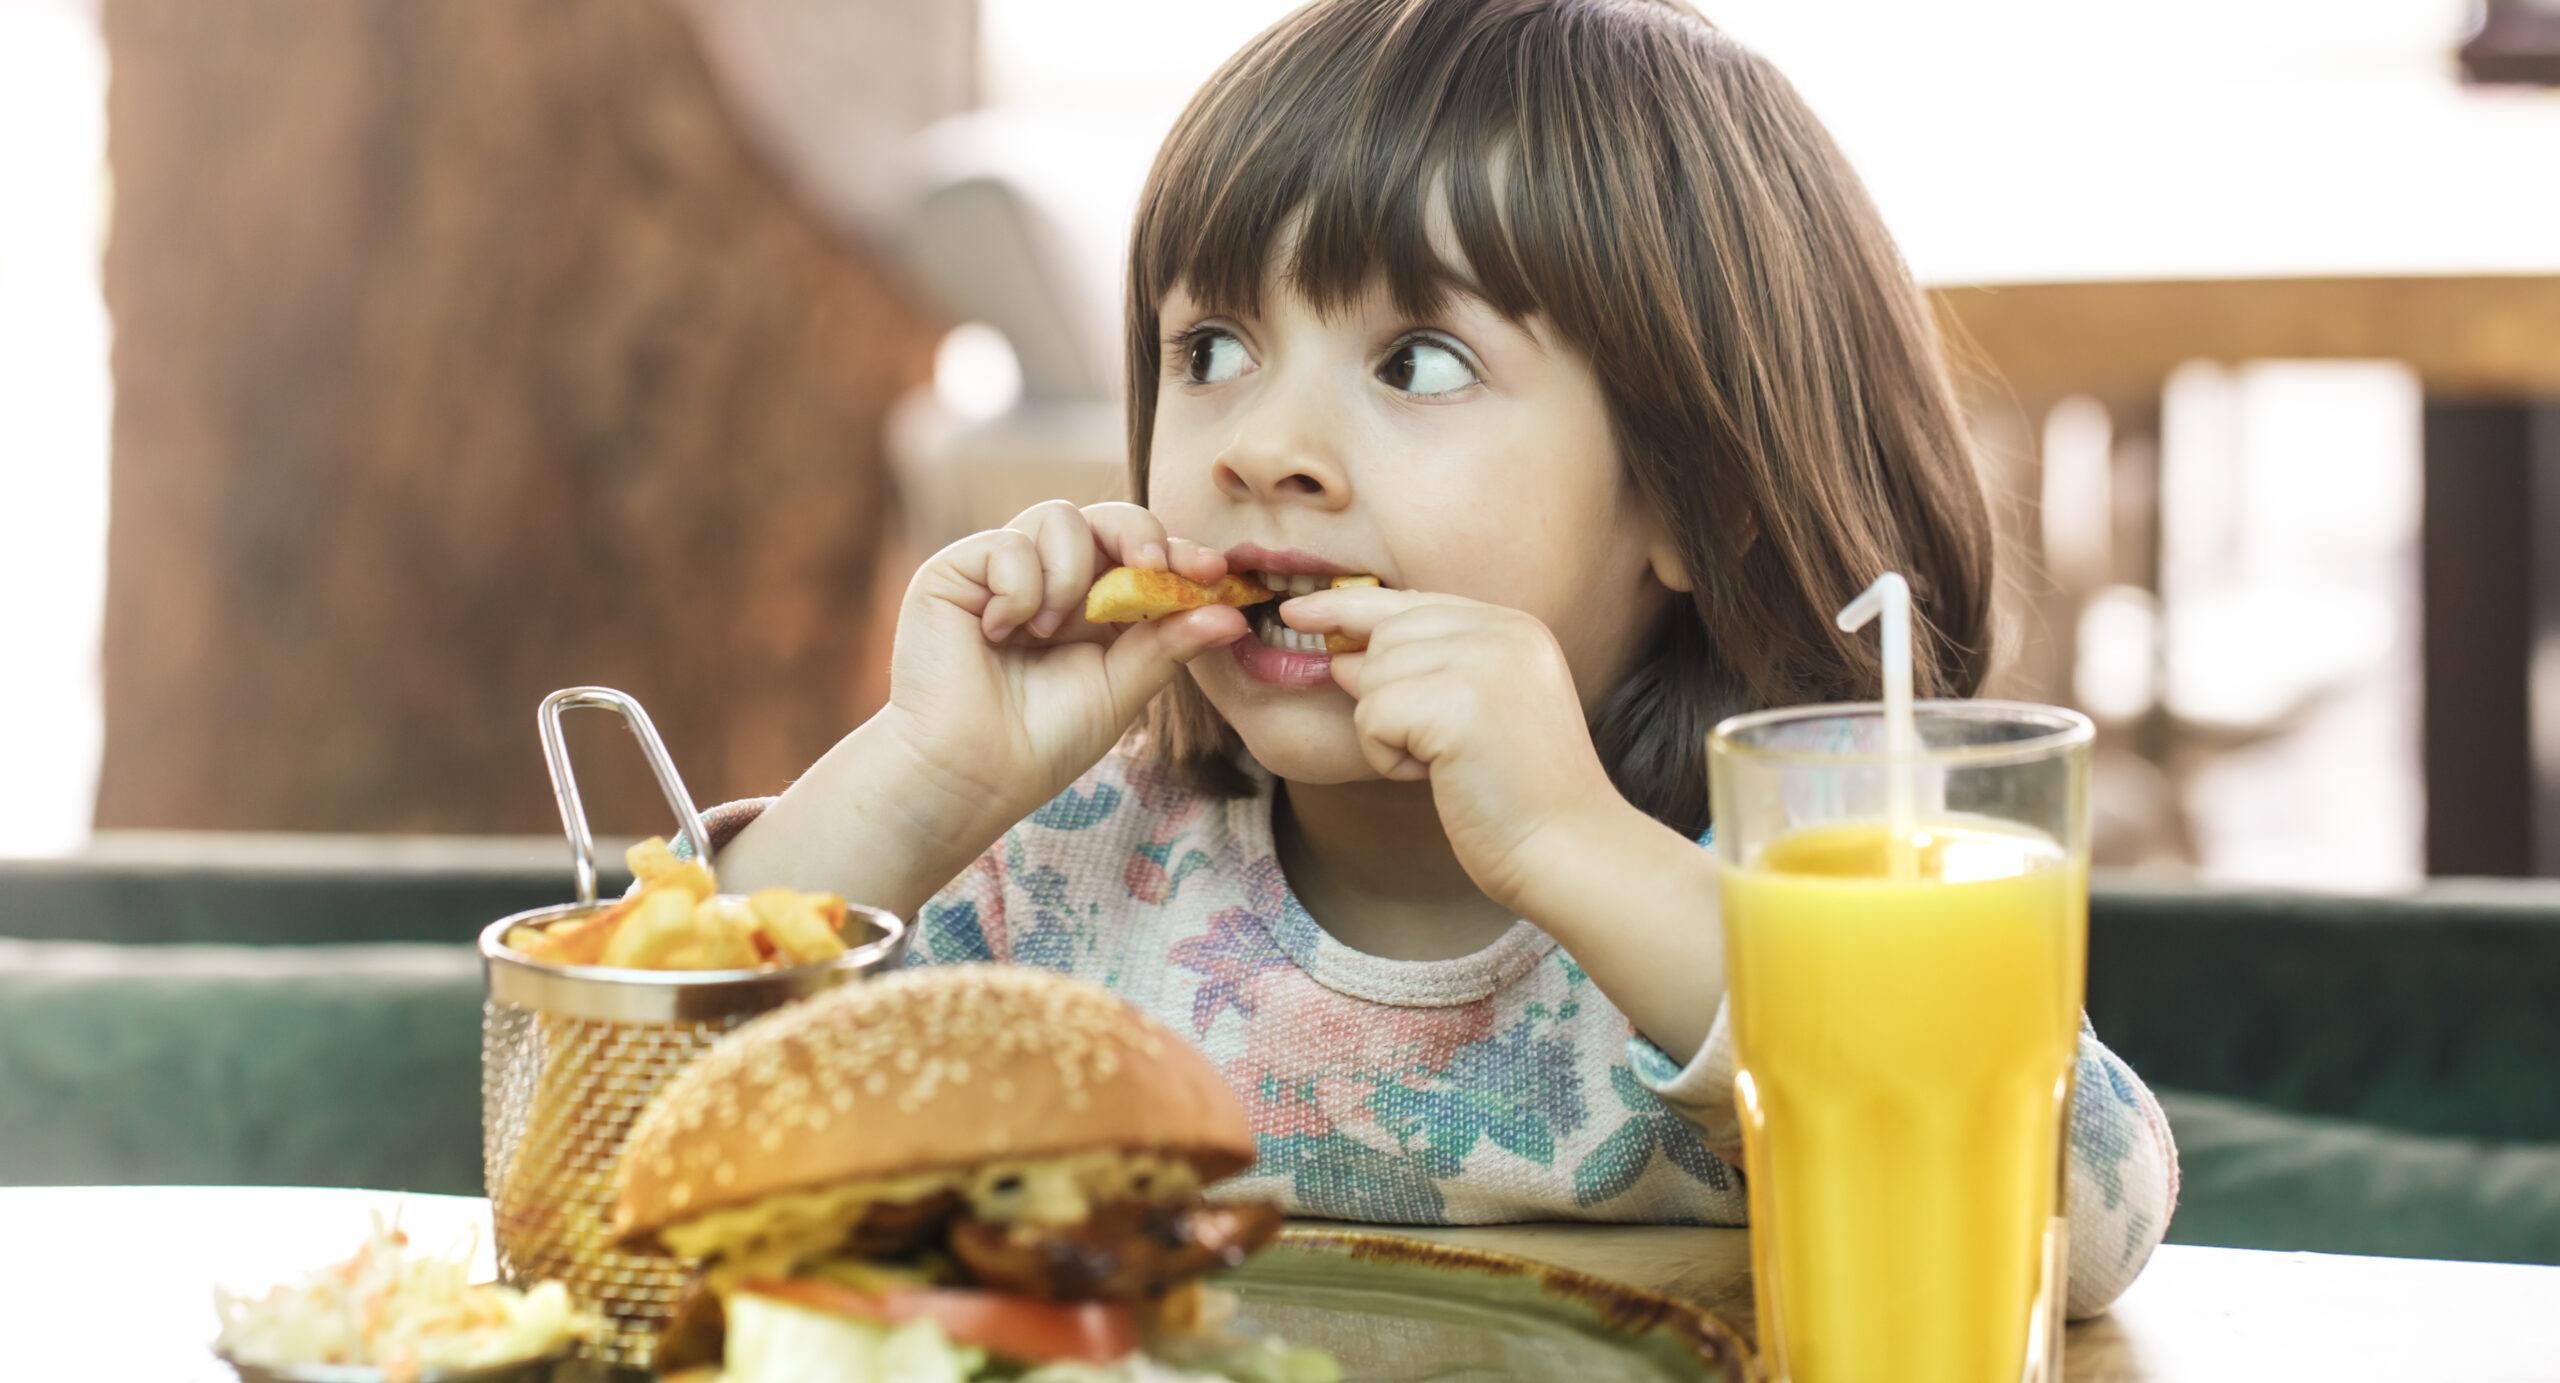 El menú infantil de los restaurantes no es saludable